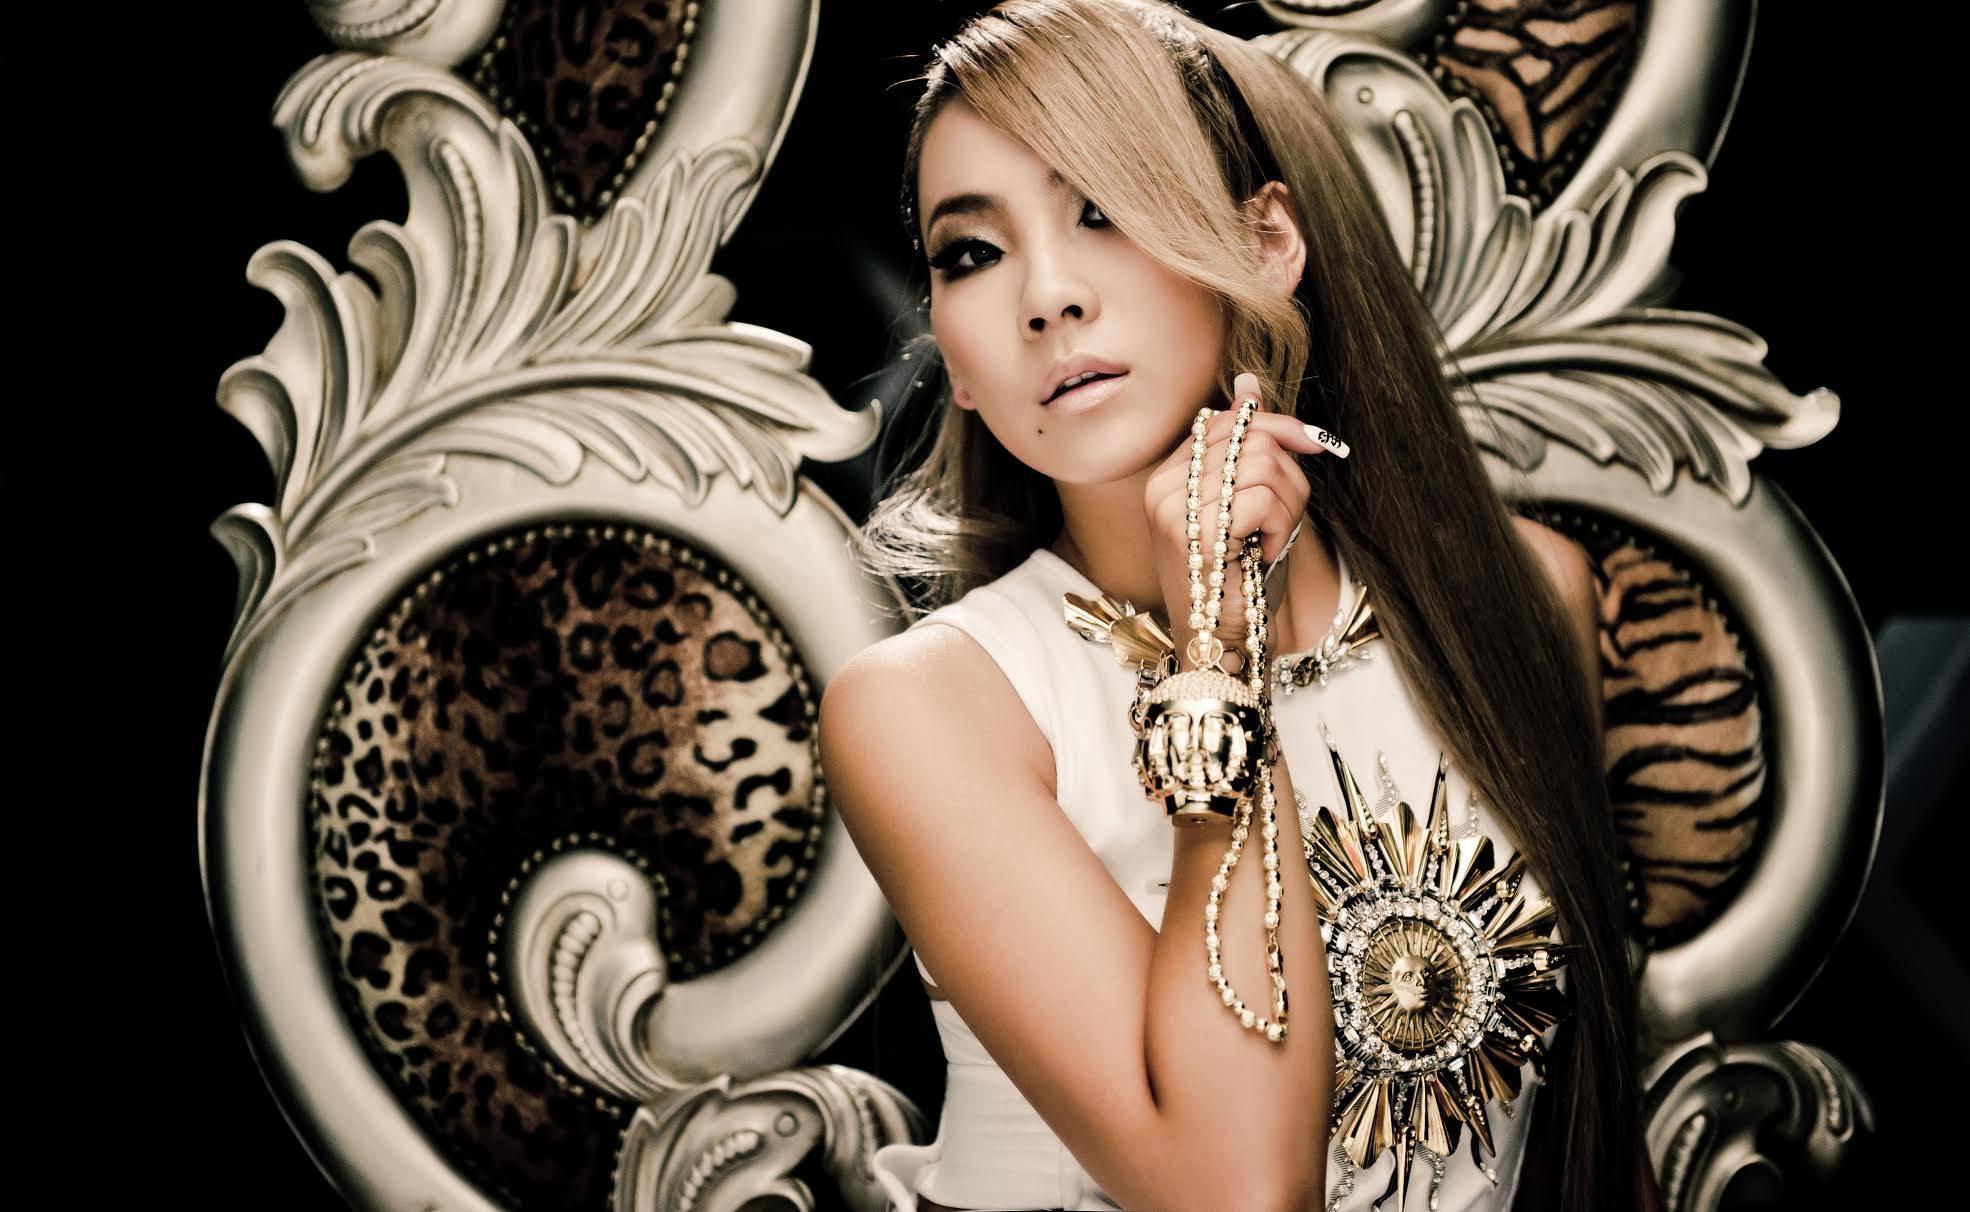 喔賣尬!!2NE1的隊長CL終於要在美國出道了嗎?